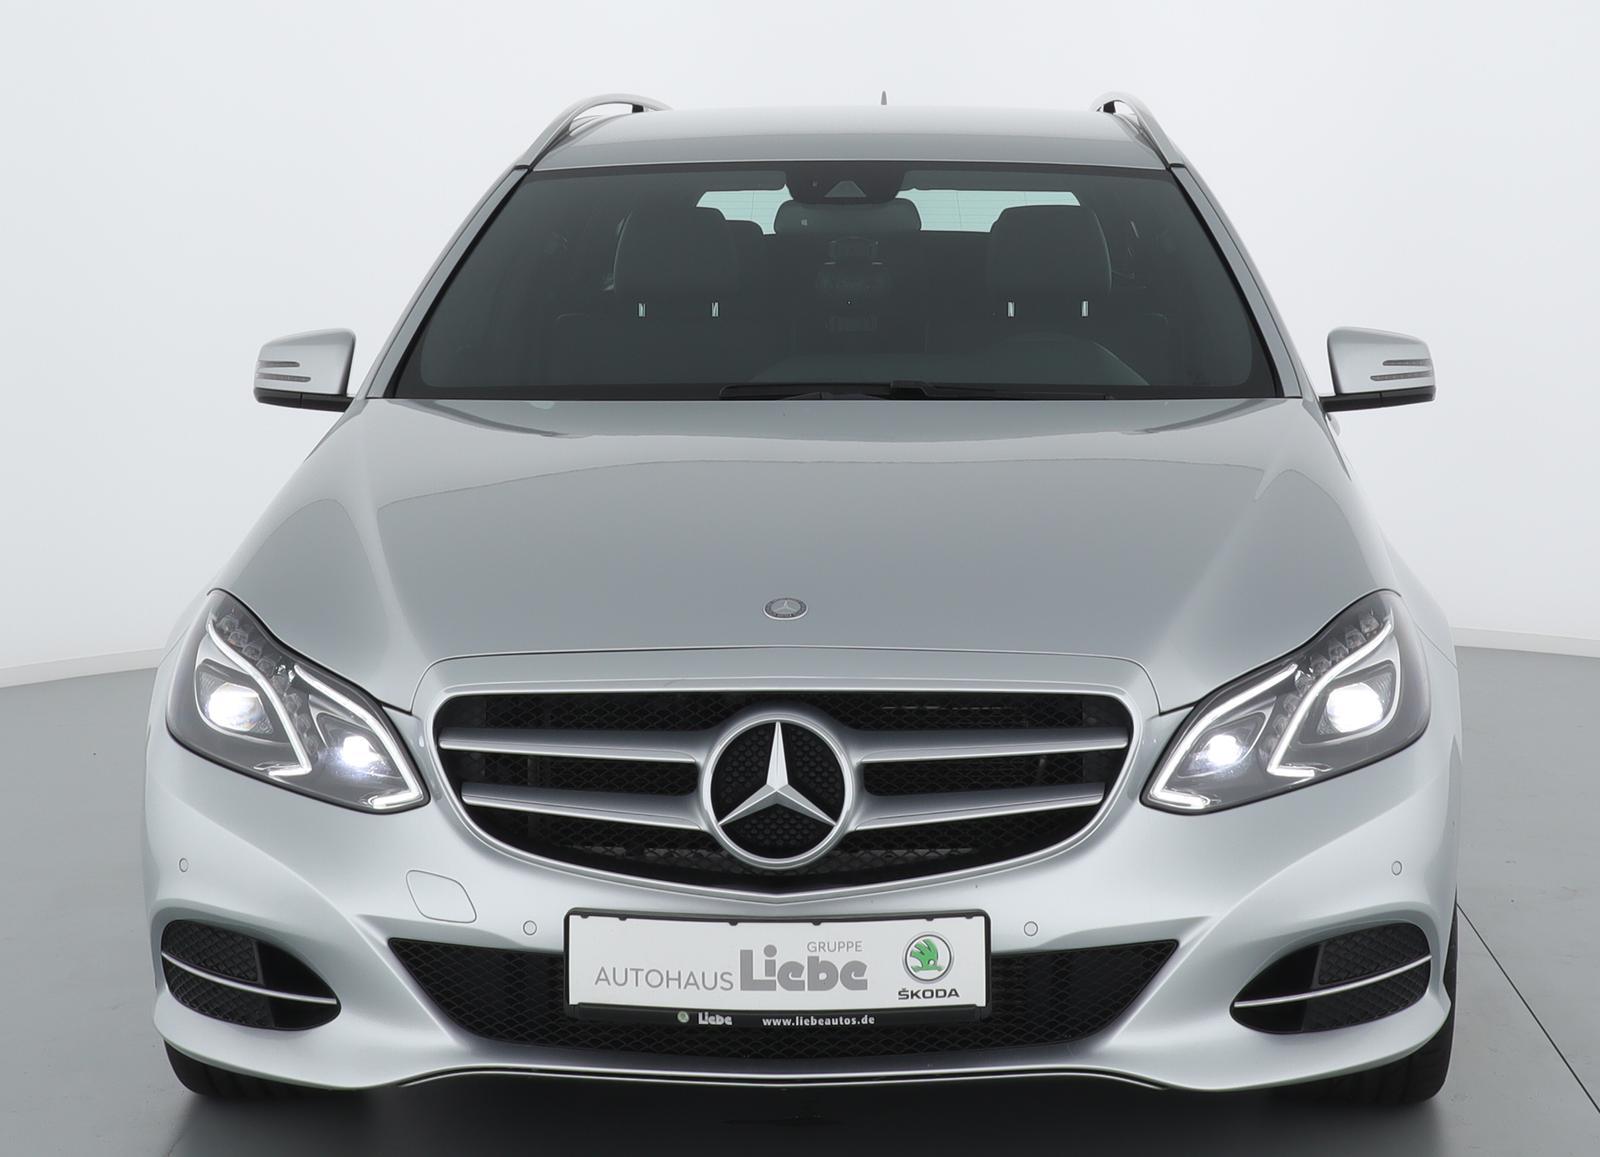 Mercedes-Benz E 220CDI AVANTGARDE 7G-TRONIC TEILLEDER+NAVIuvm, Jahr 2014, Diesel